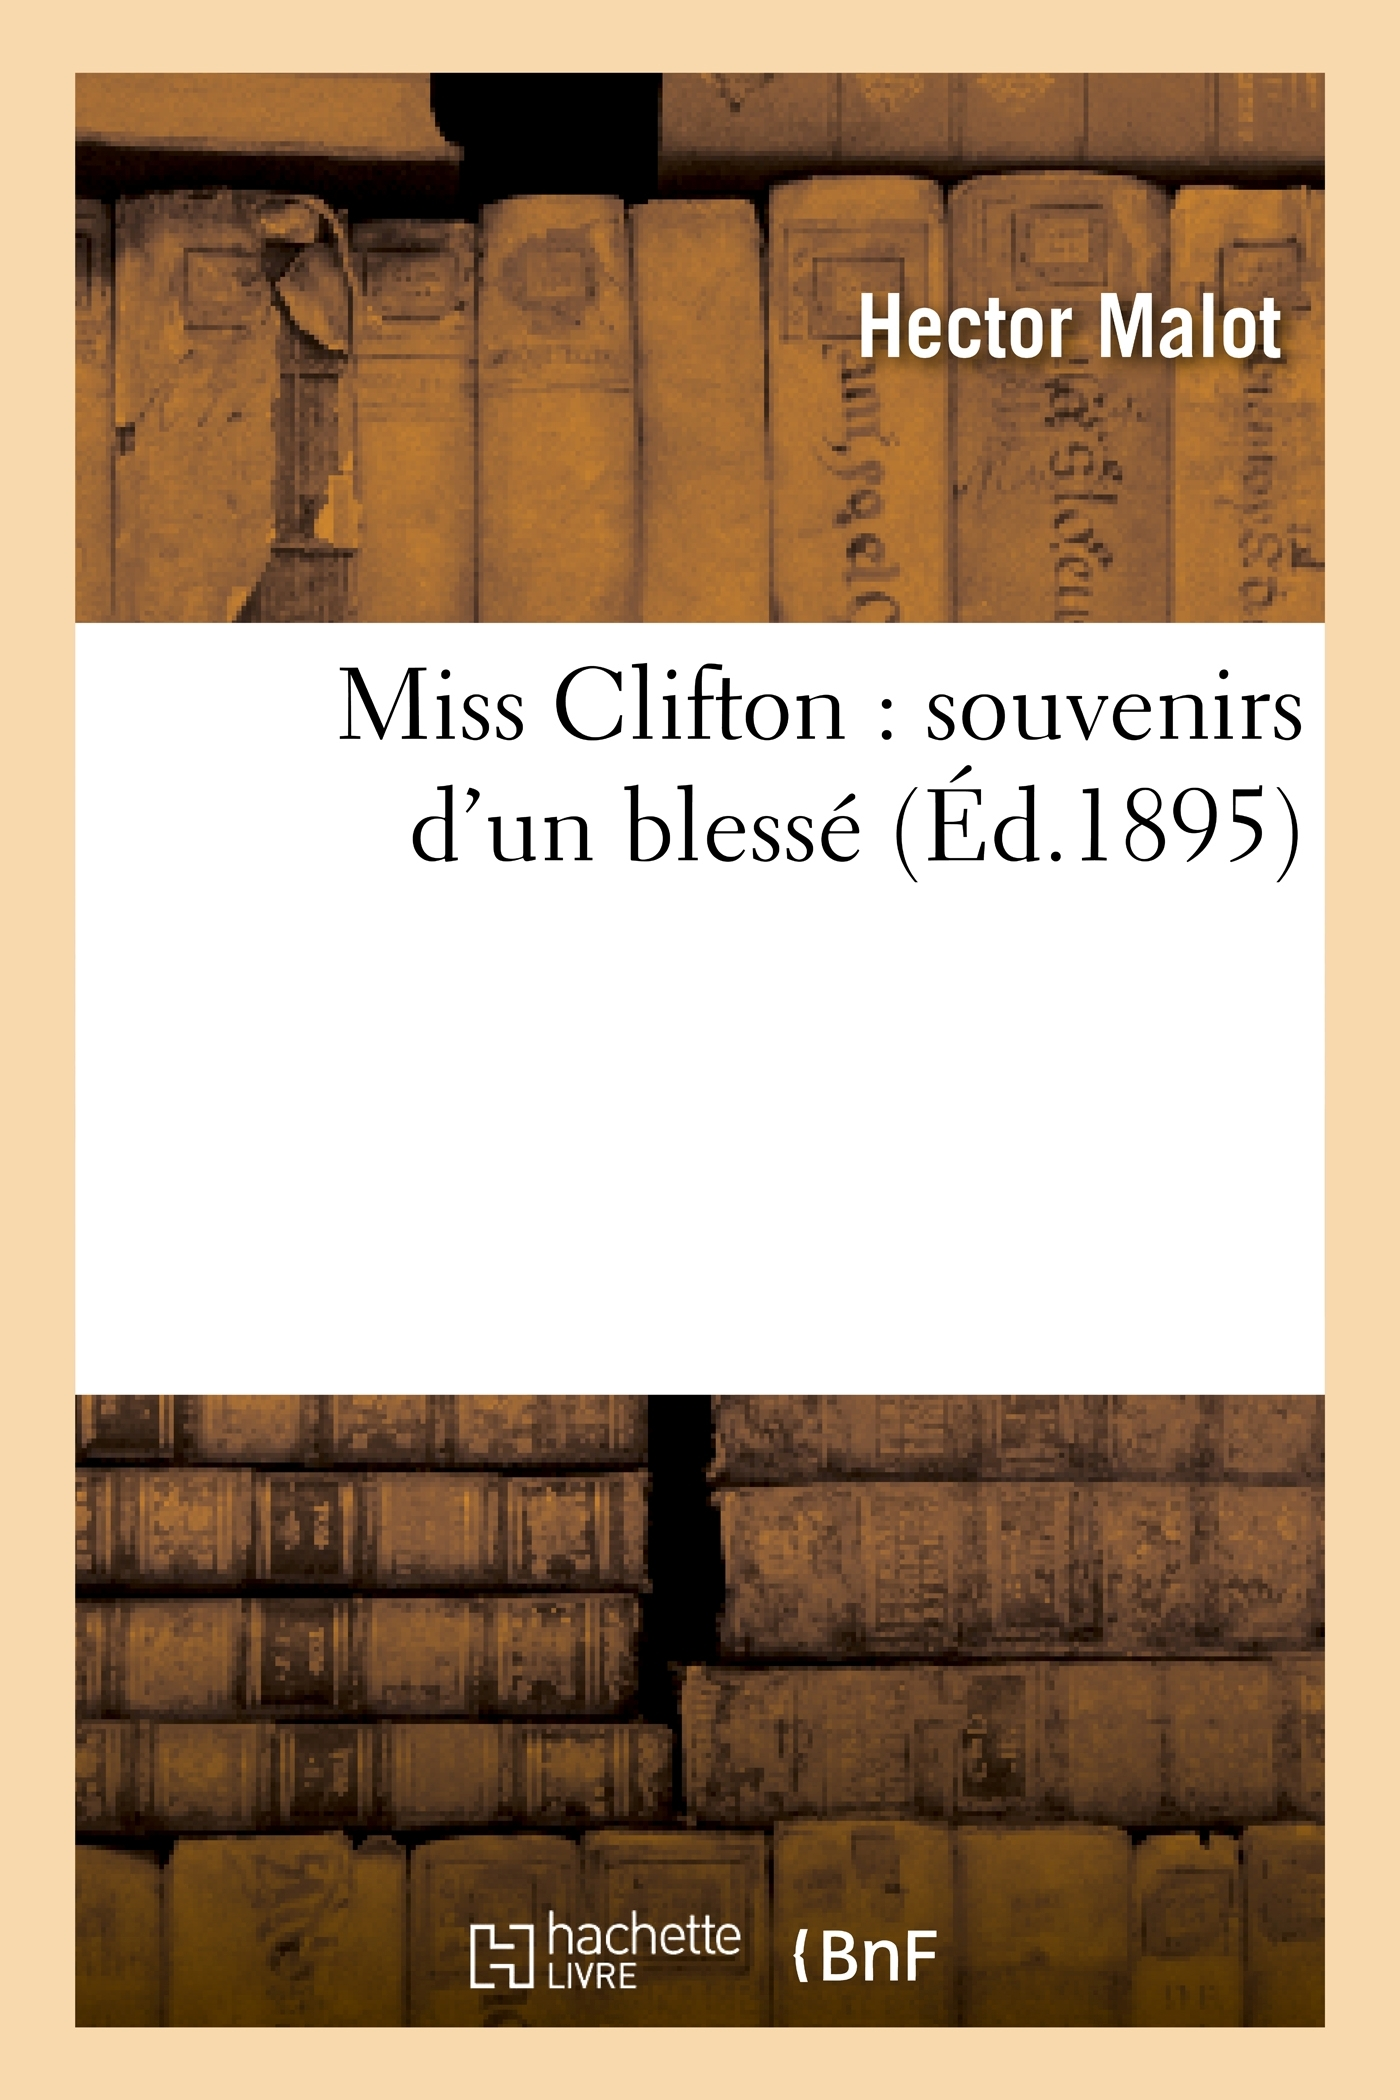 MISS CLIFTON : SOUVENIRS D'UN BLESSE